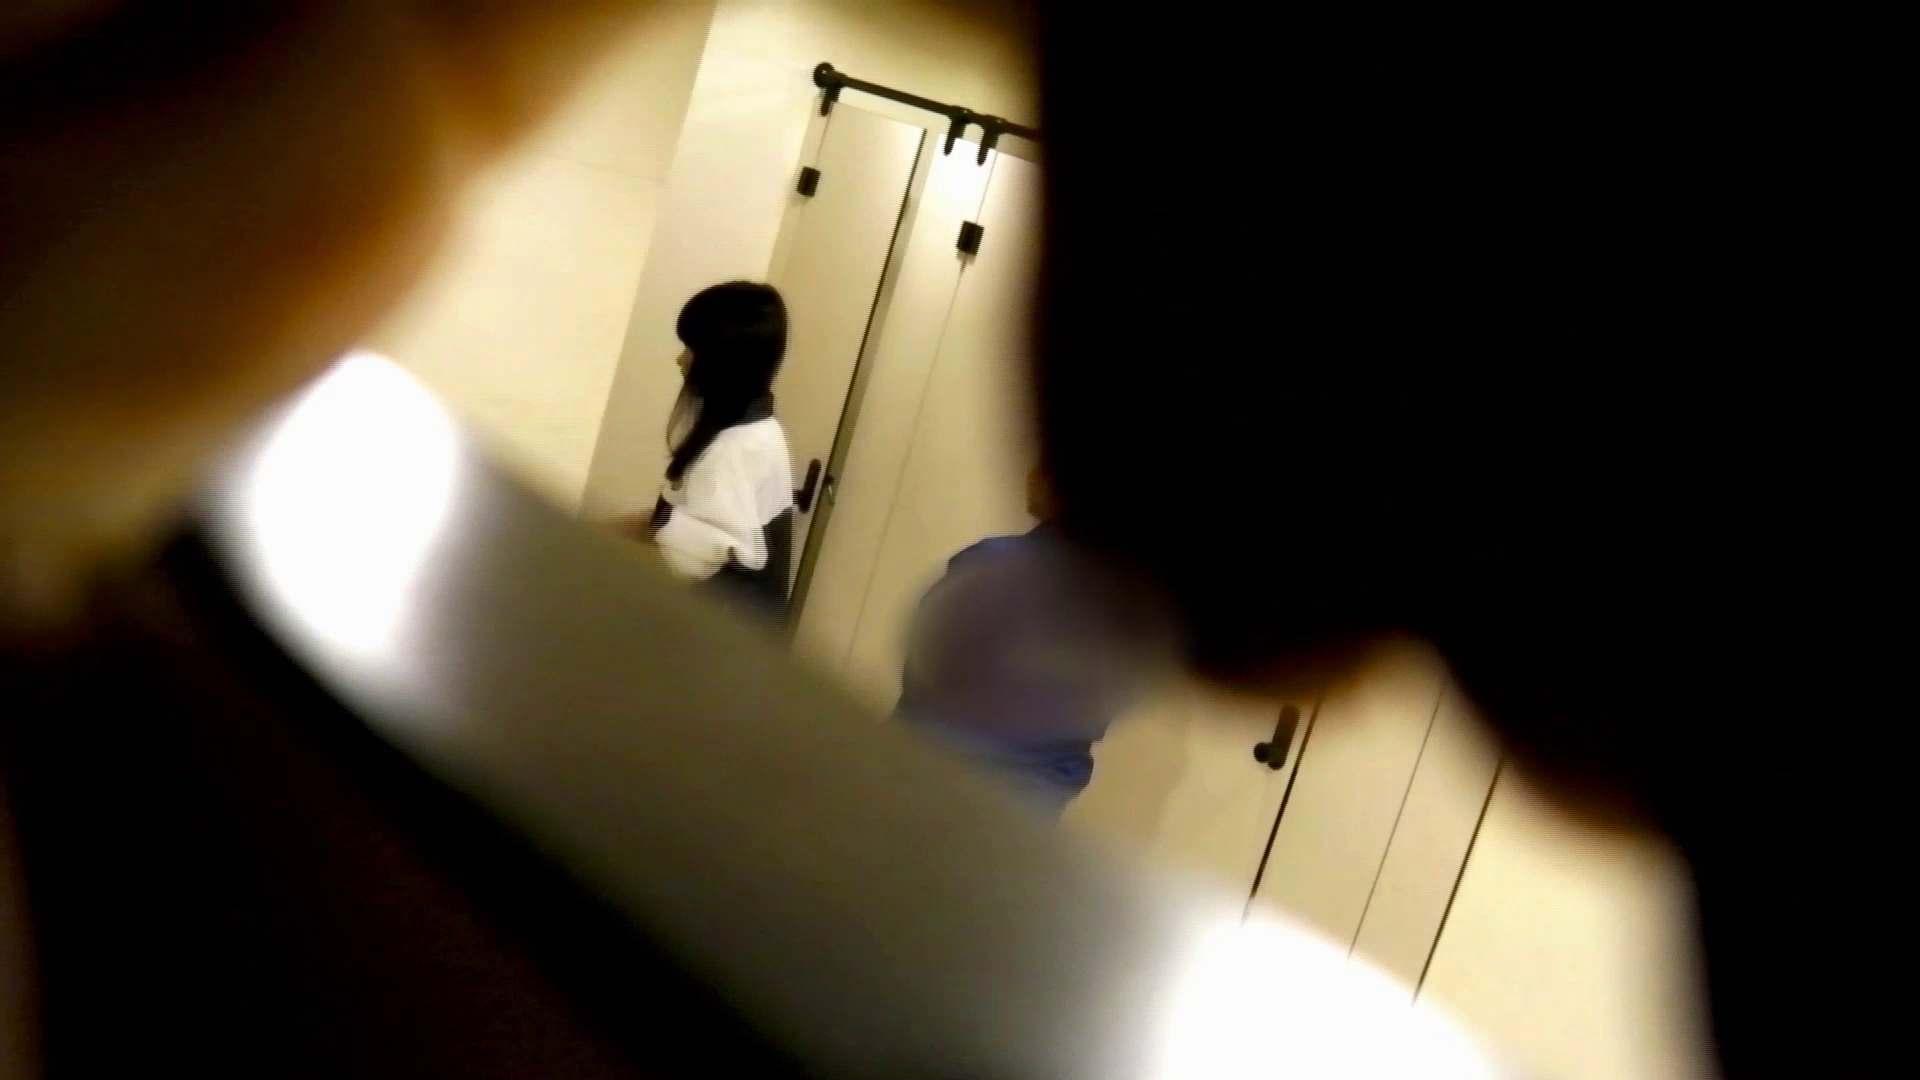 新世界の射窓 No78 トリンドル 玲奈似登場シリーズ美女率最高作! 美女 すけべAV動画紹介 112枚 59